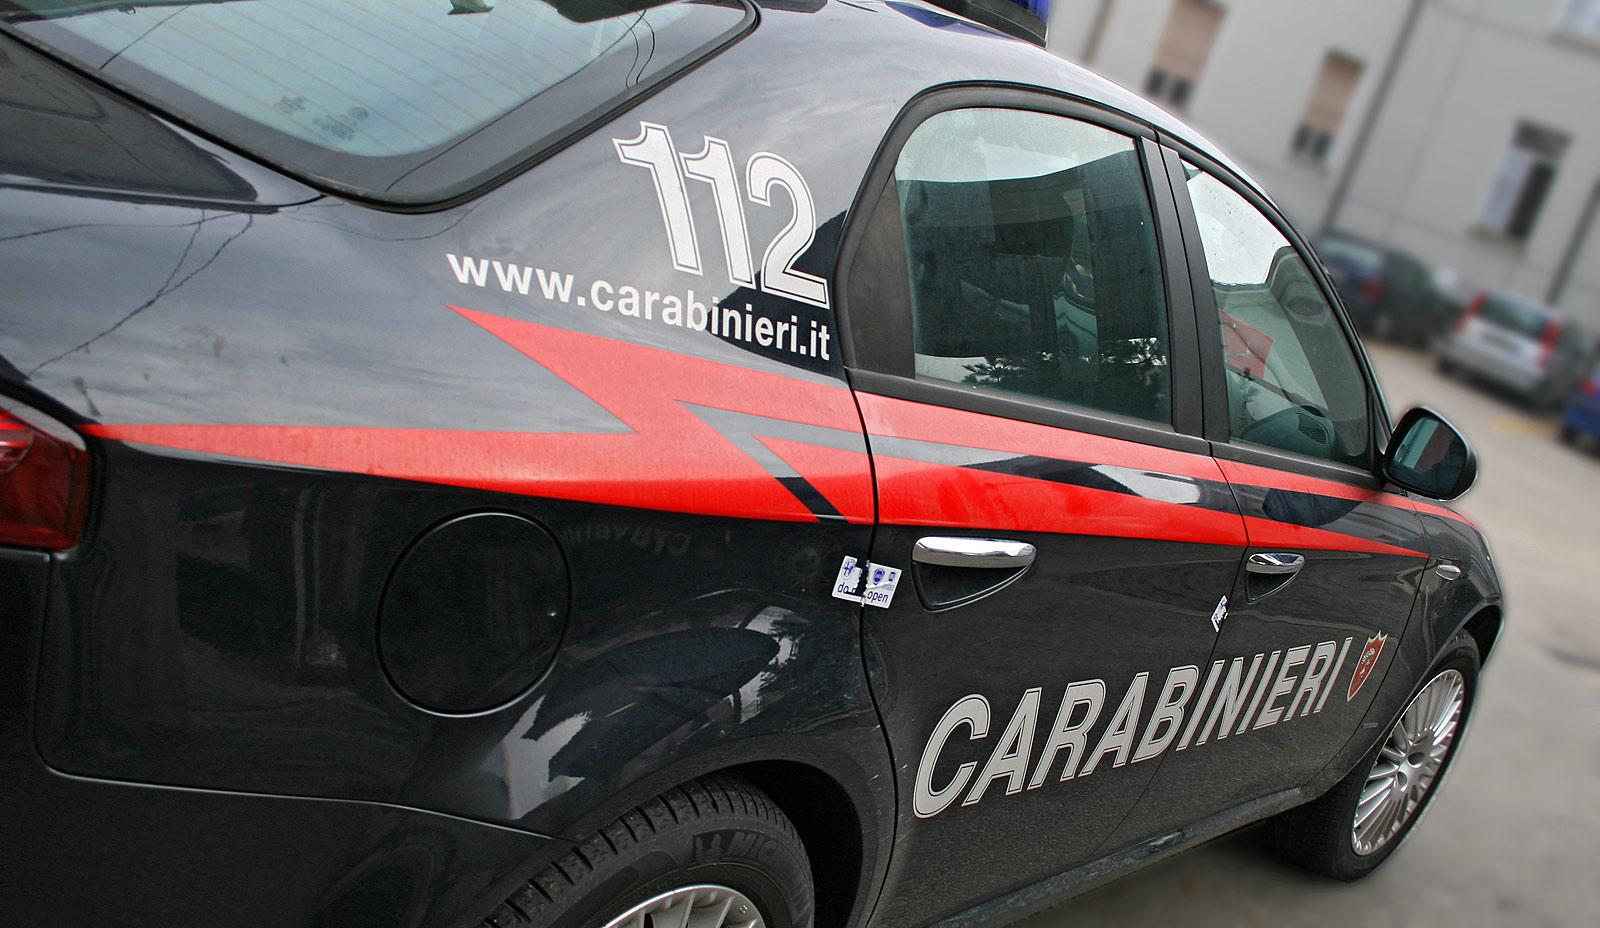 Tragedia a Benevento: bimba di 10 anni trovata morta nella piscina di un casale